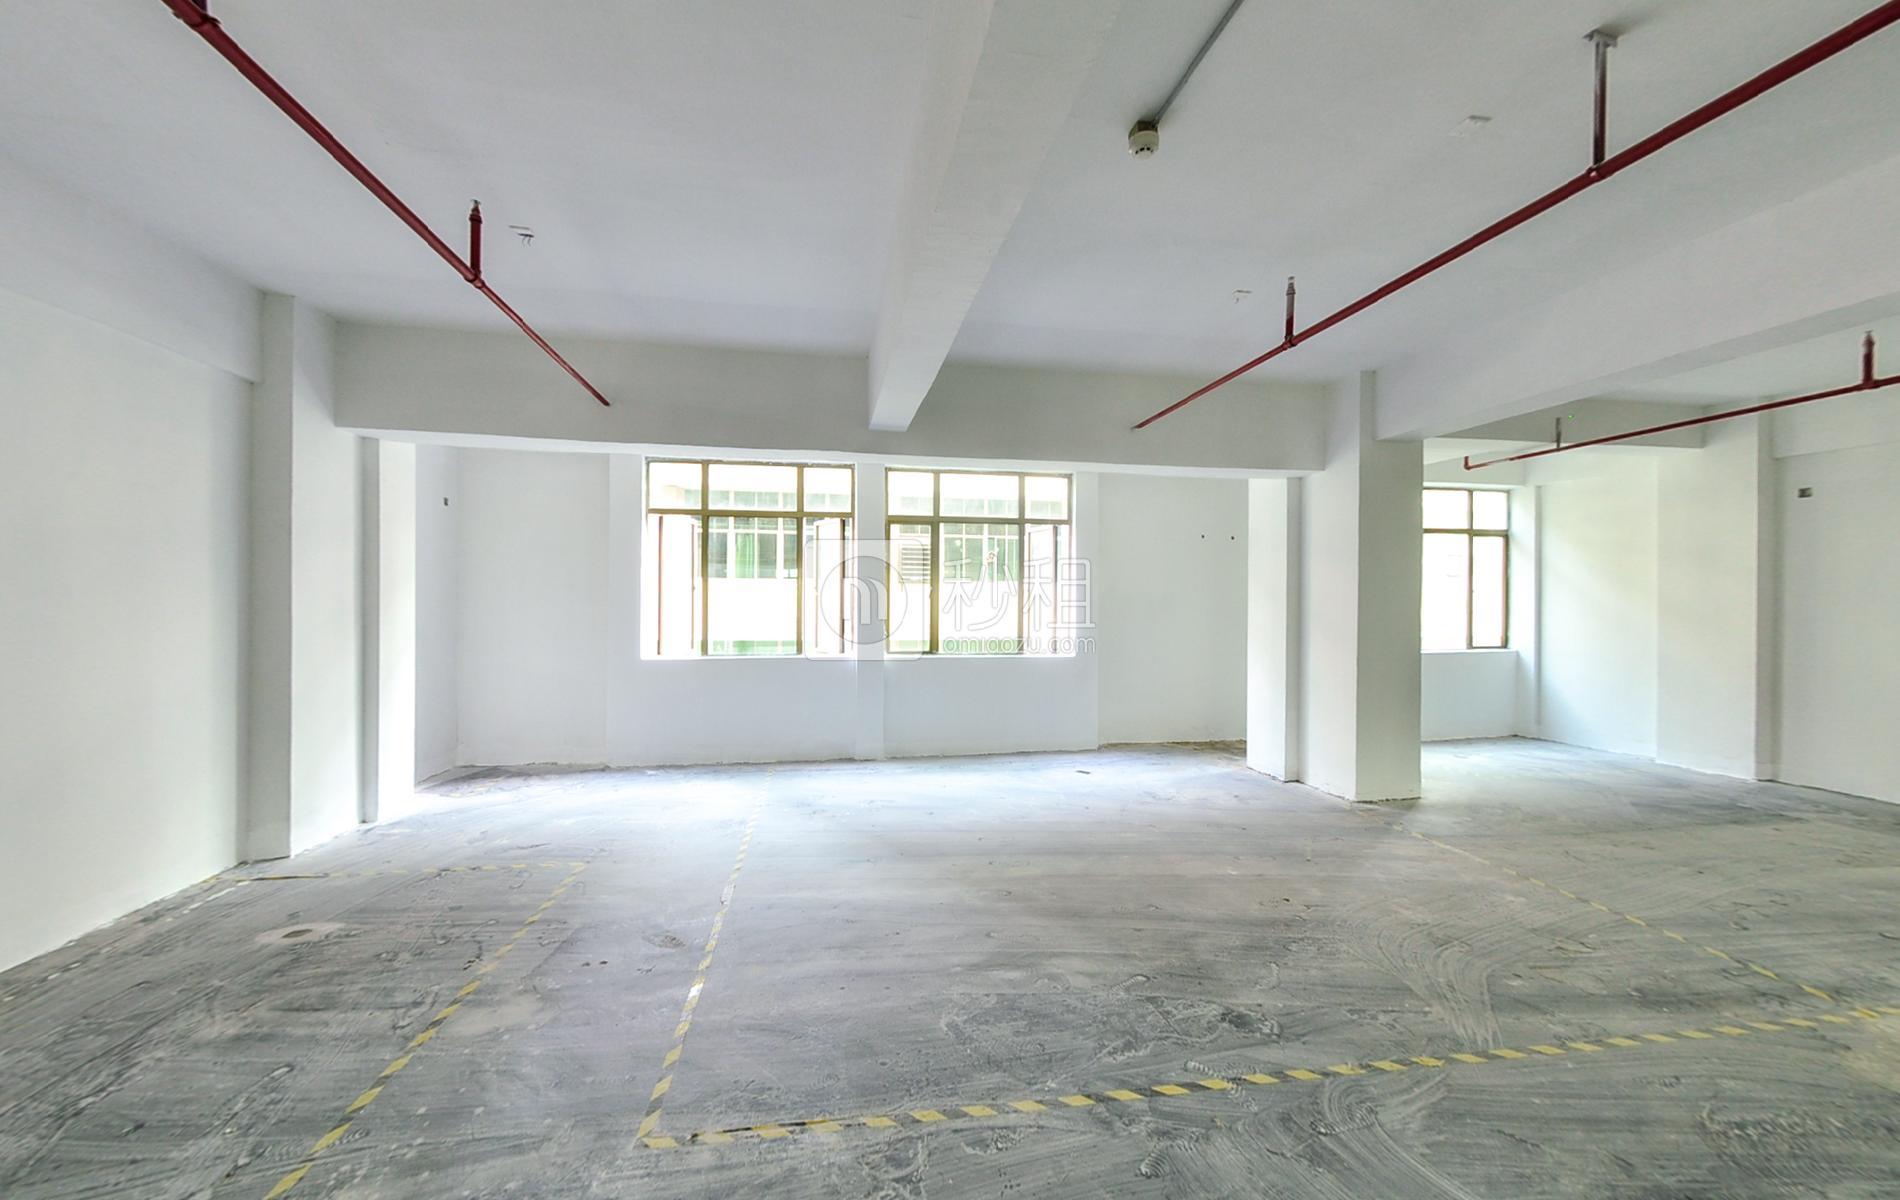 嘉义源科技园3楼写字楼出租180平米简装办公室35元/m².月